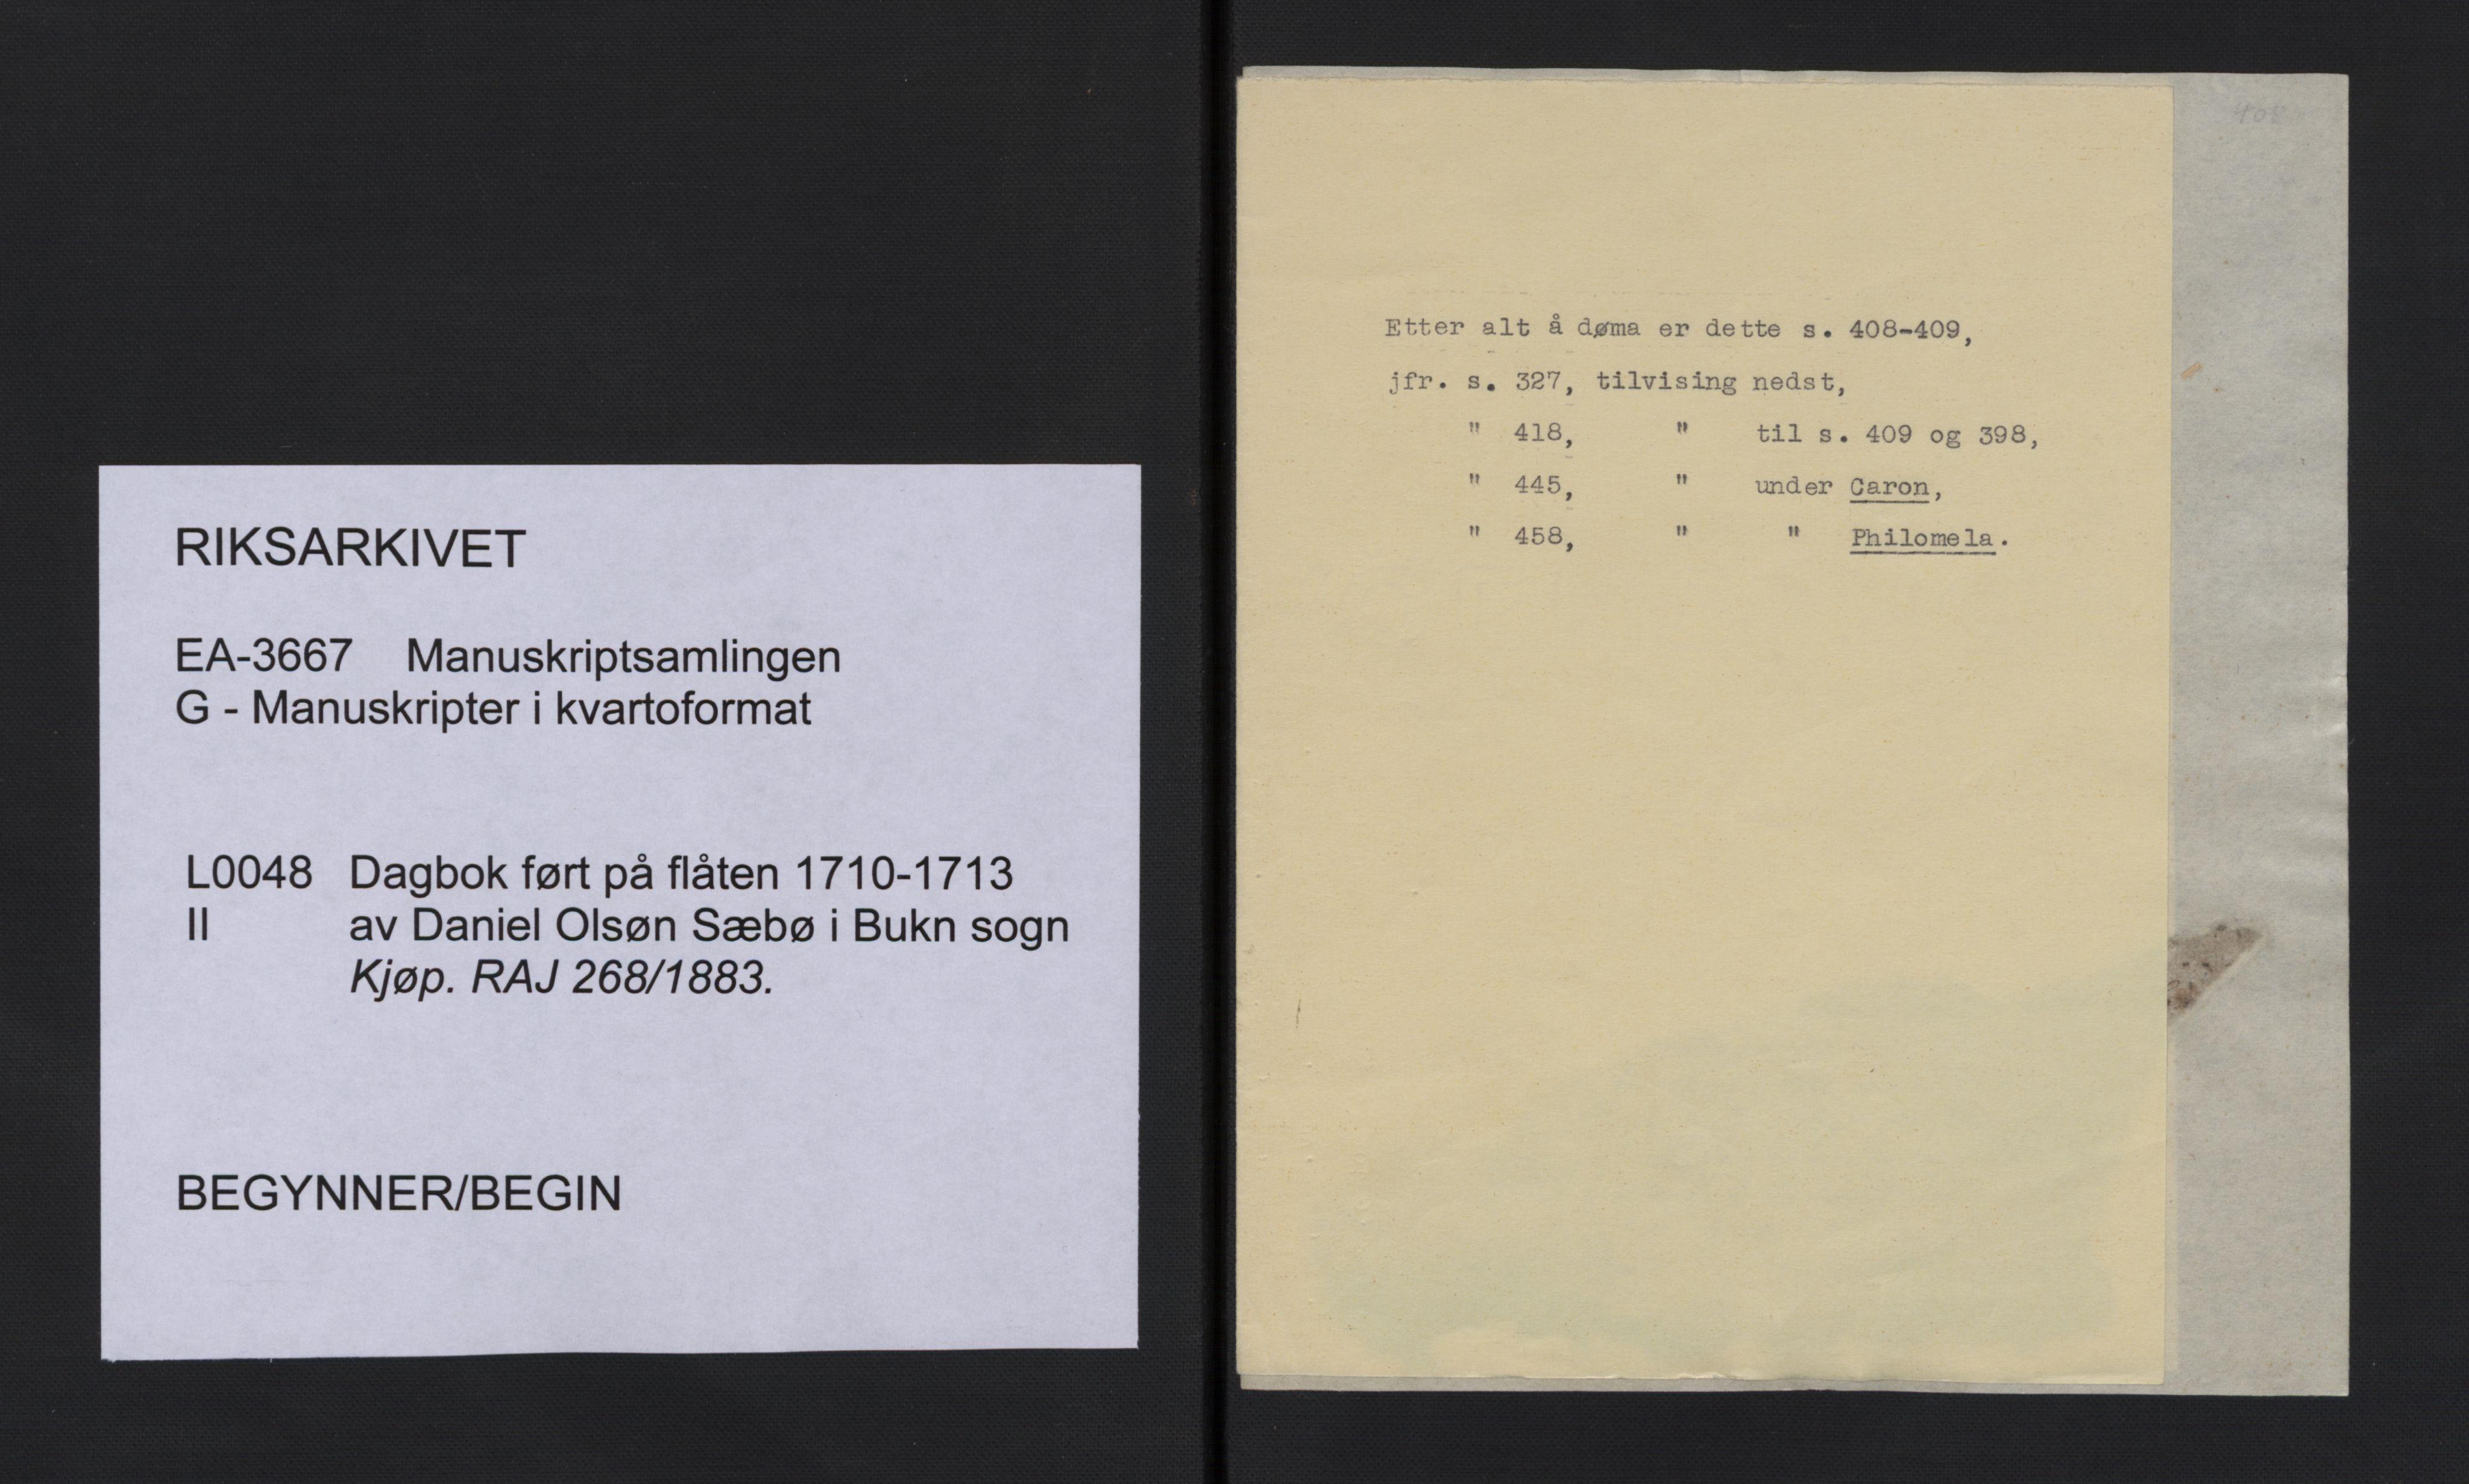 RA, Manuskriptsamlingen, G/L0048b: Nils Trosners dagbok ført på flåten 1710-1713 bd. II, 1710-1713, s. upaginert